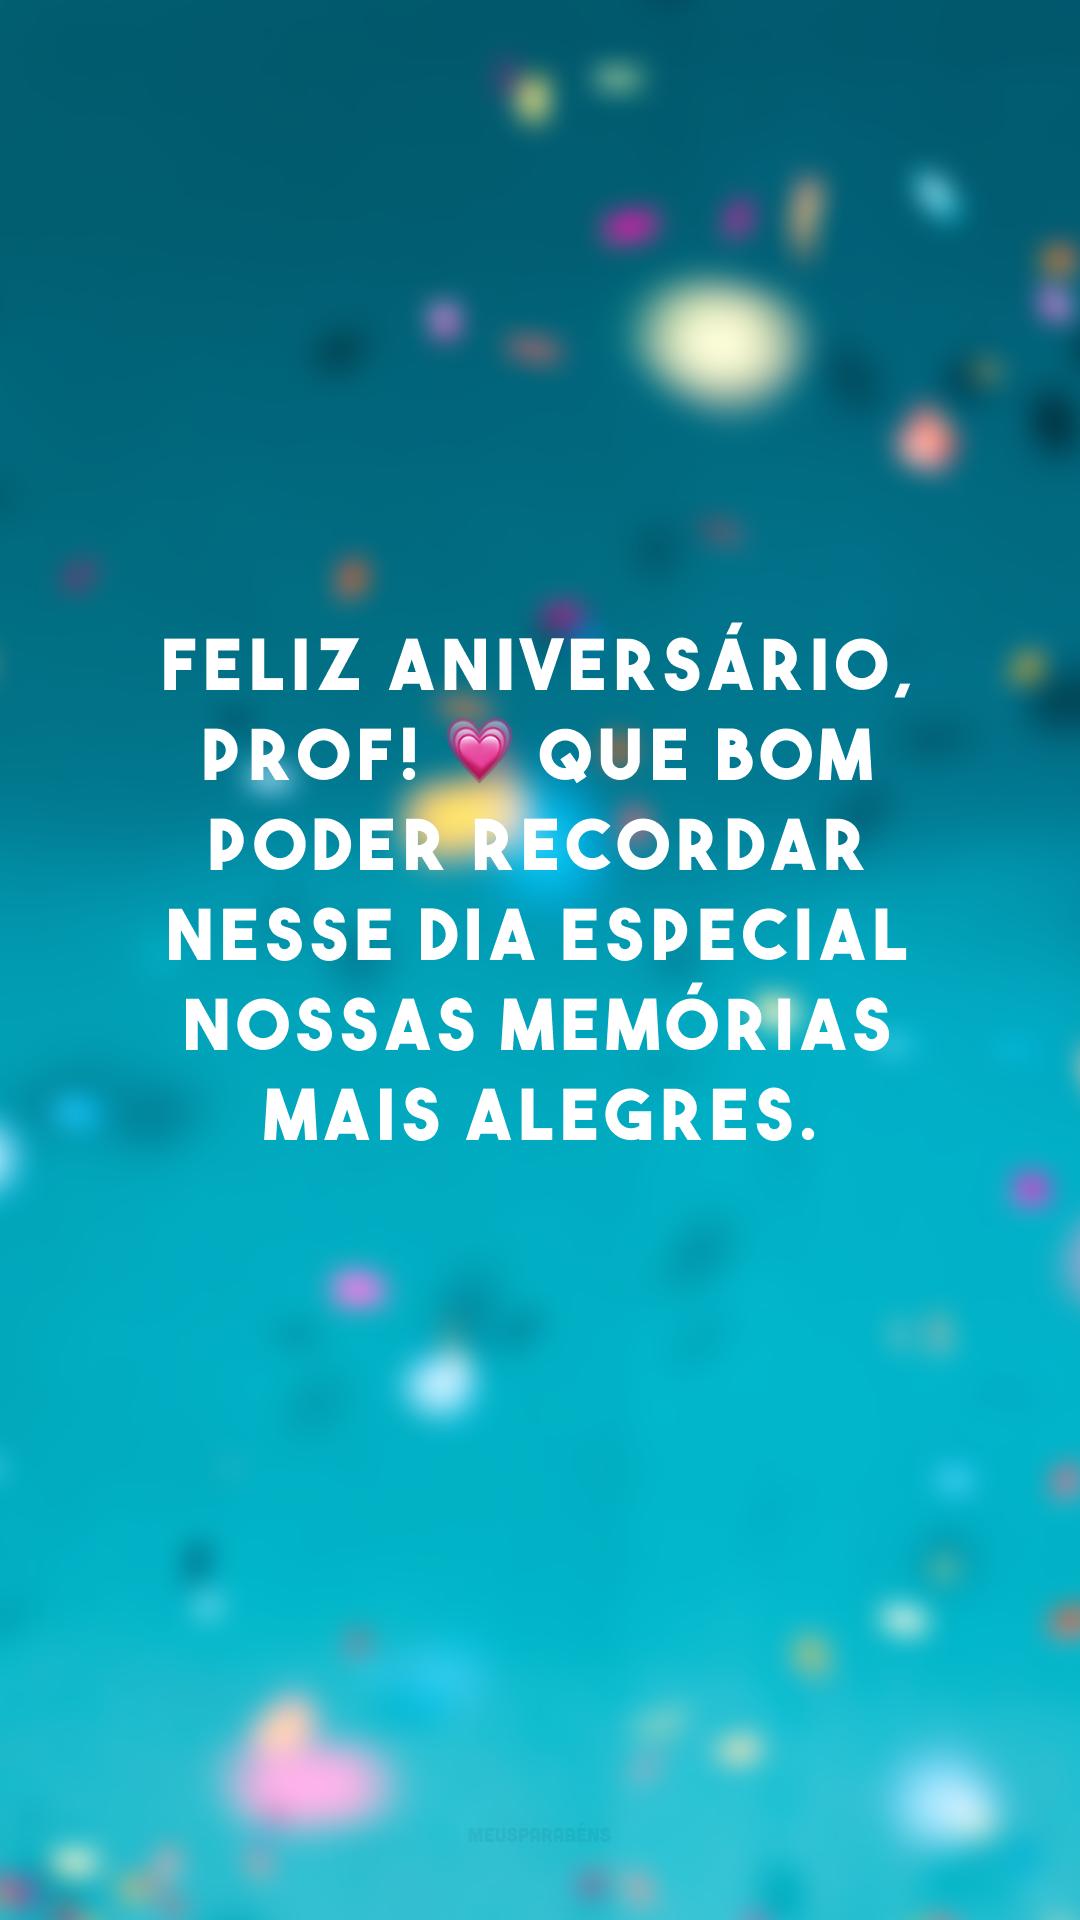 Feliz aniversário, prof! 💗 Que bom poder recordar nesse dia especial nossas memórias mais alegres.